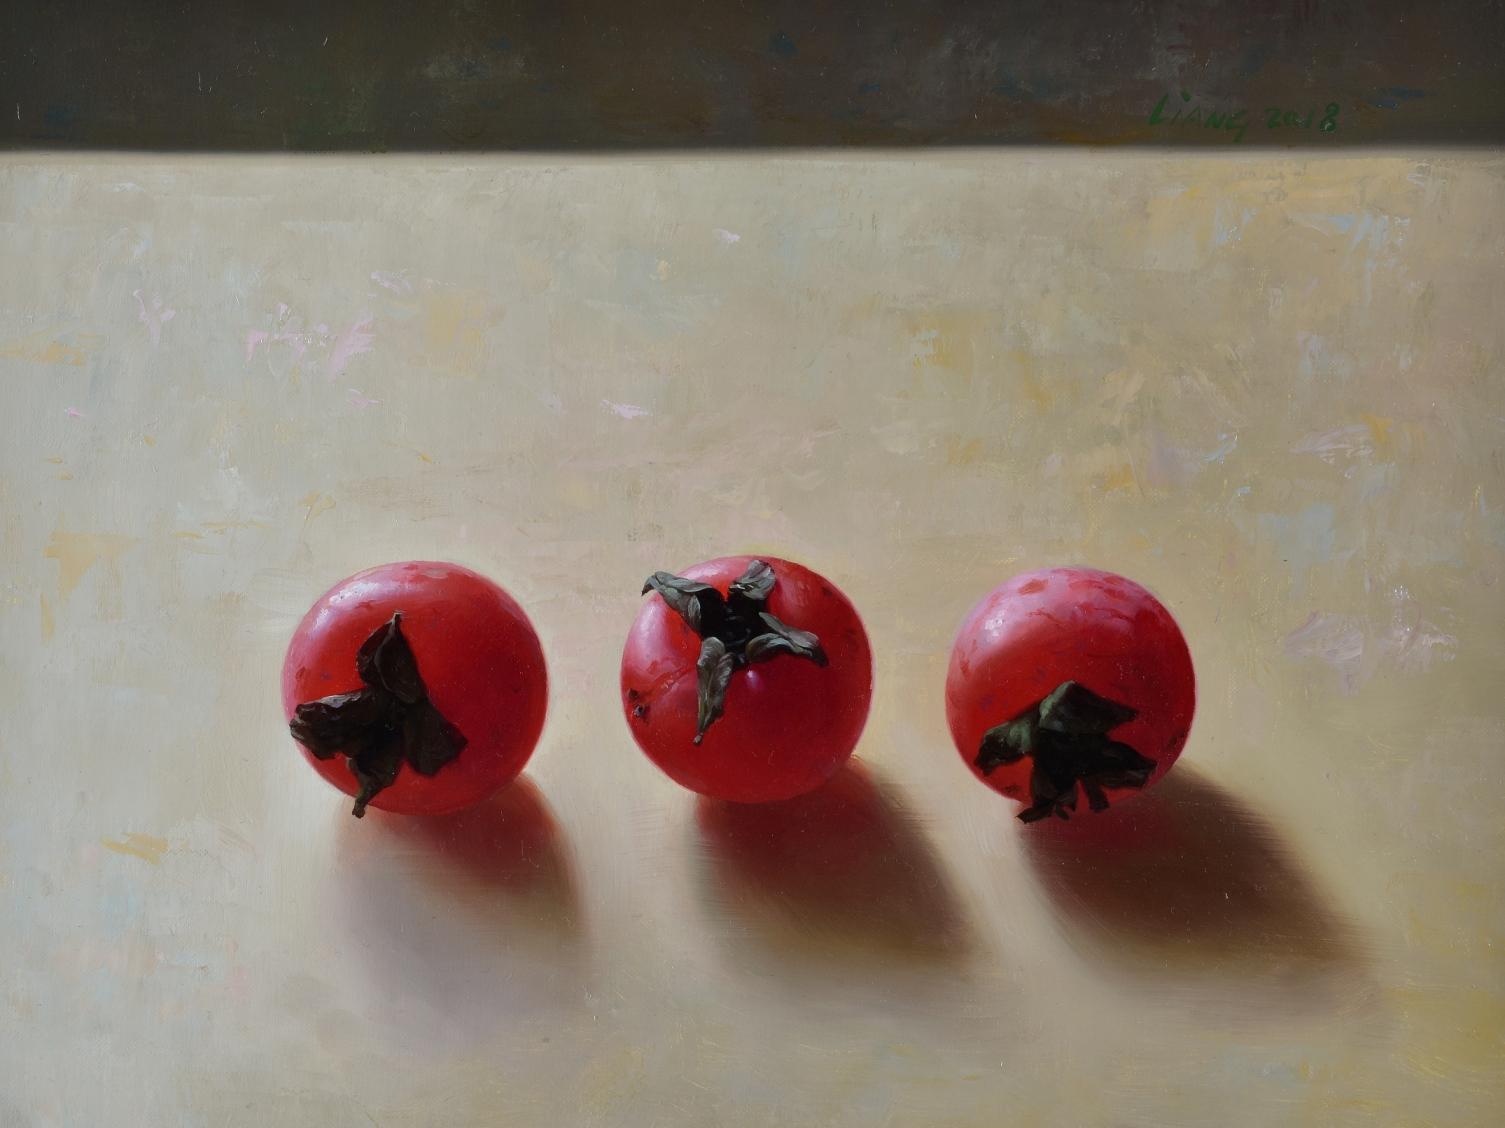 Drie rode persimons, olieverf op doek, 23 x 30 cm 2018